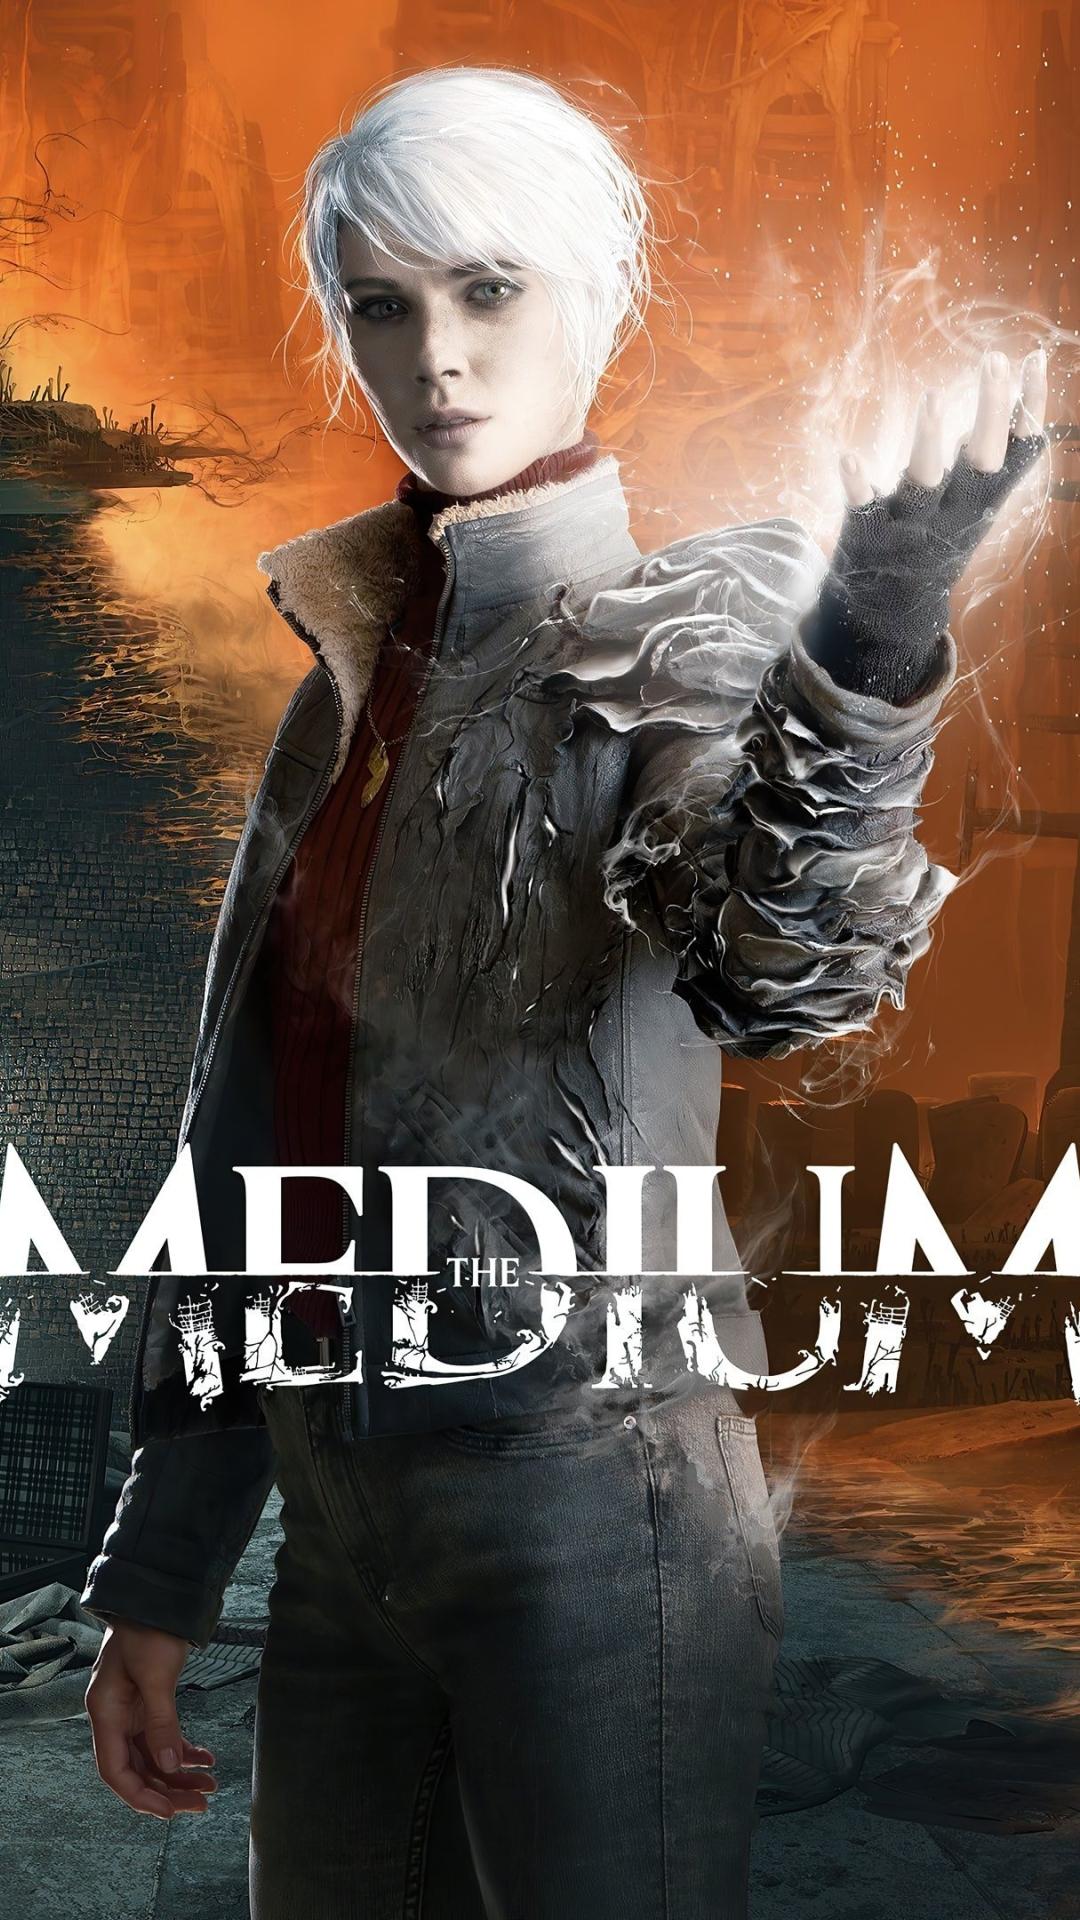 The Medium Poster 4K Wallpaper in 1080x1920 Resolution